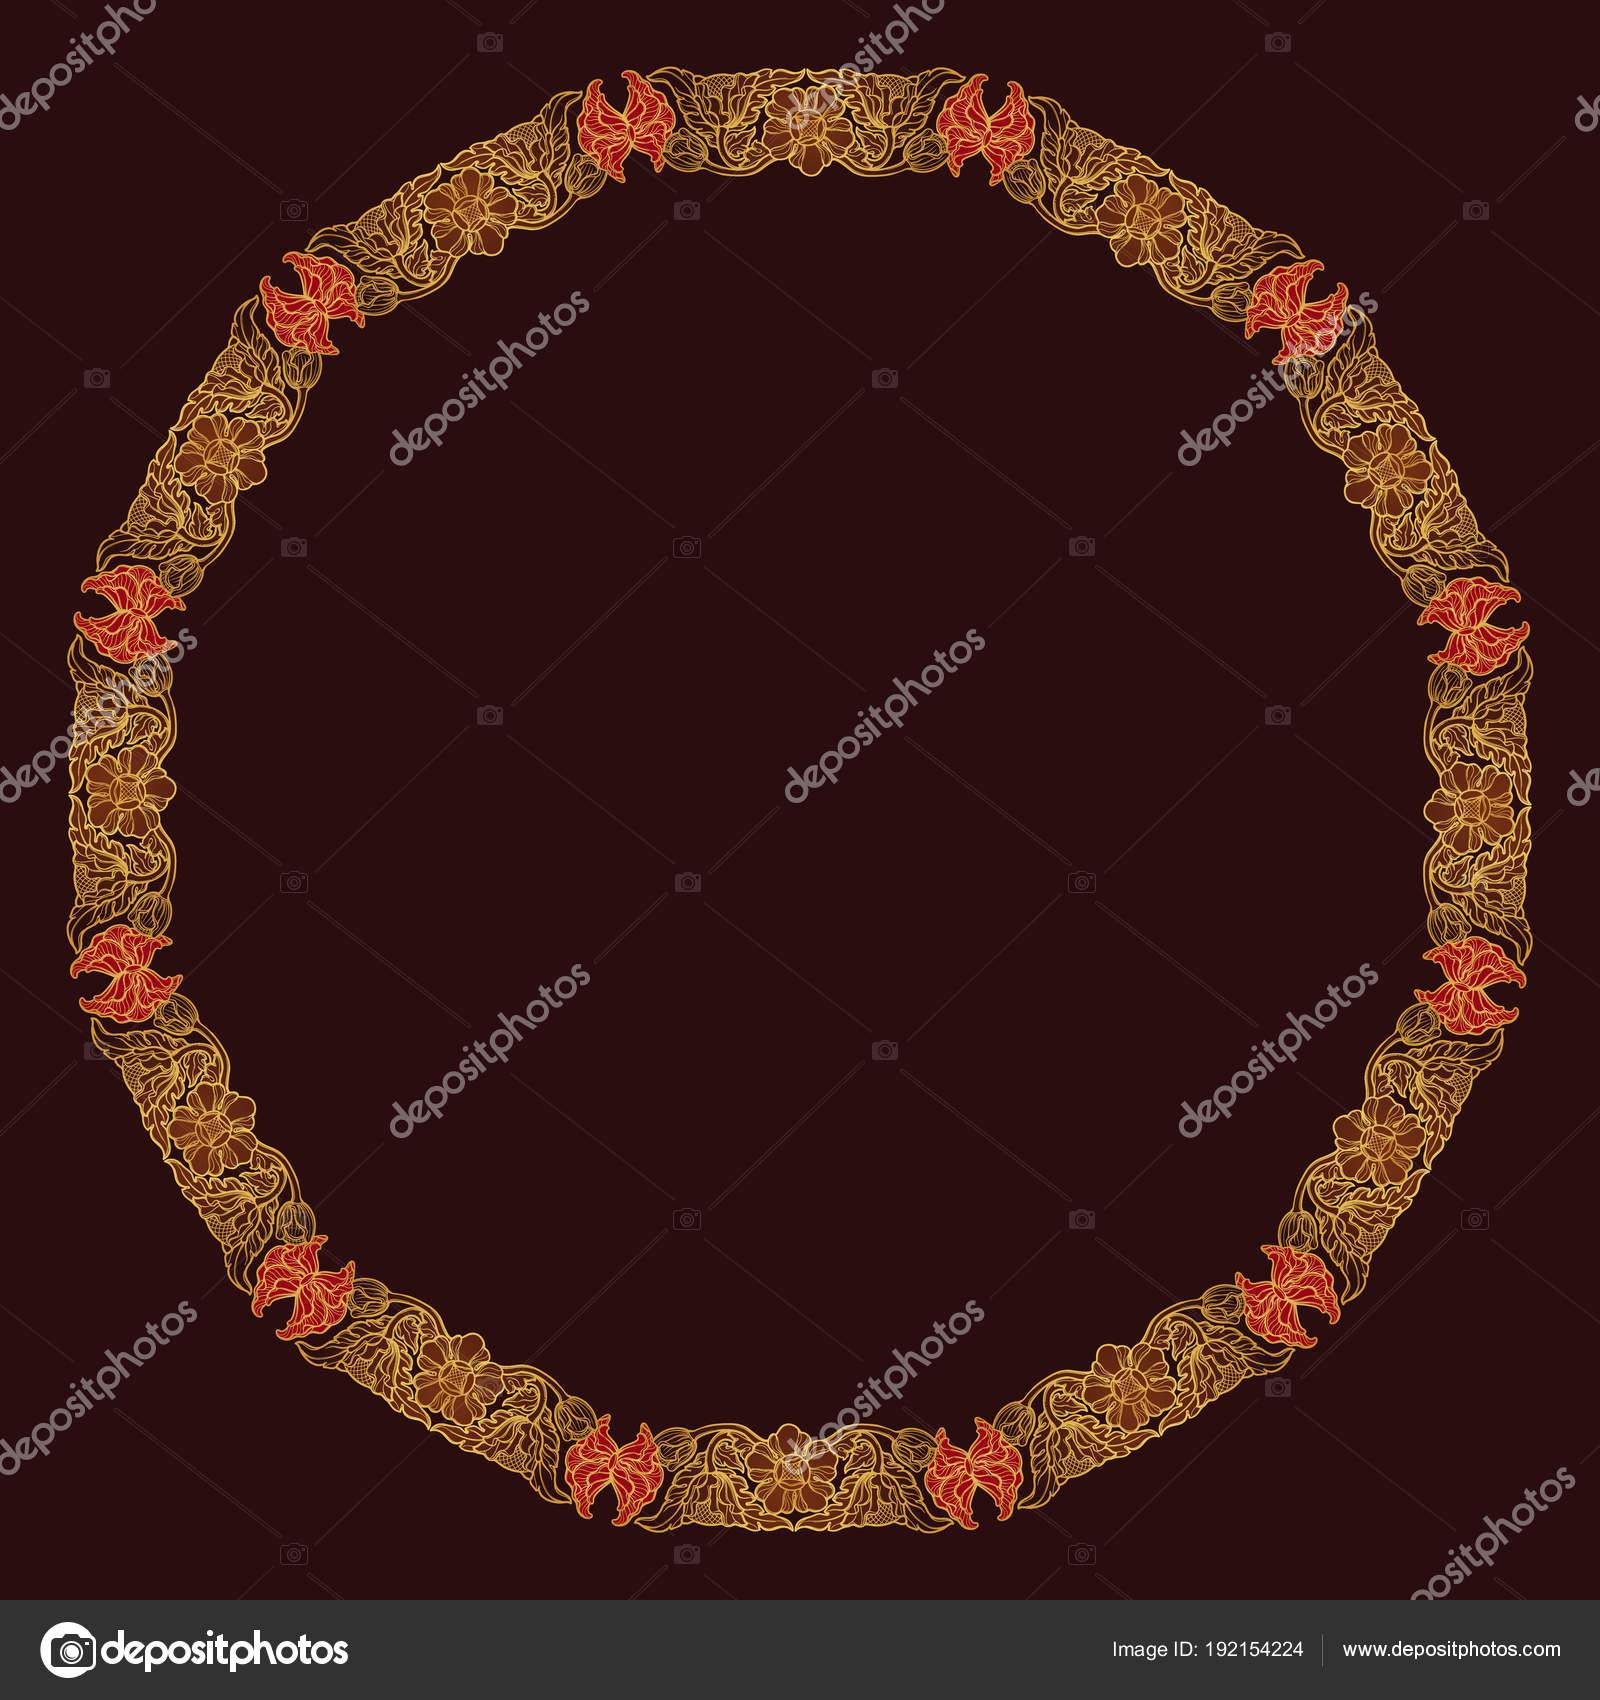 Lotusblumen in komplexe kreisförmige Rahmen angeordnet. Beliebtes ...